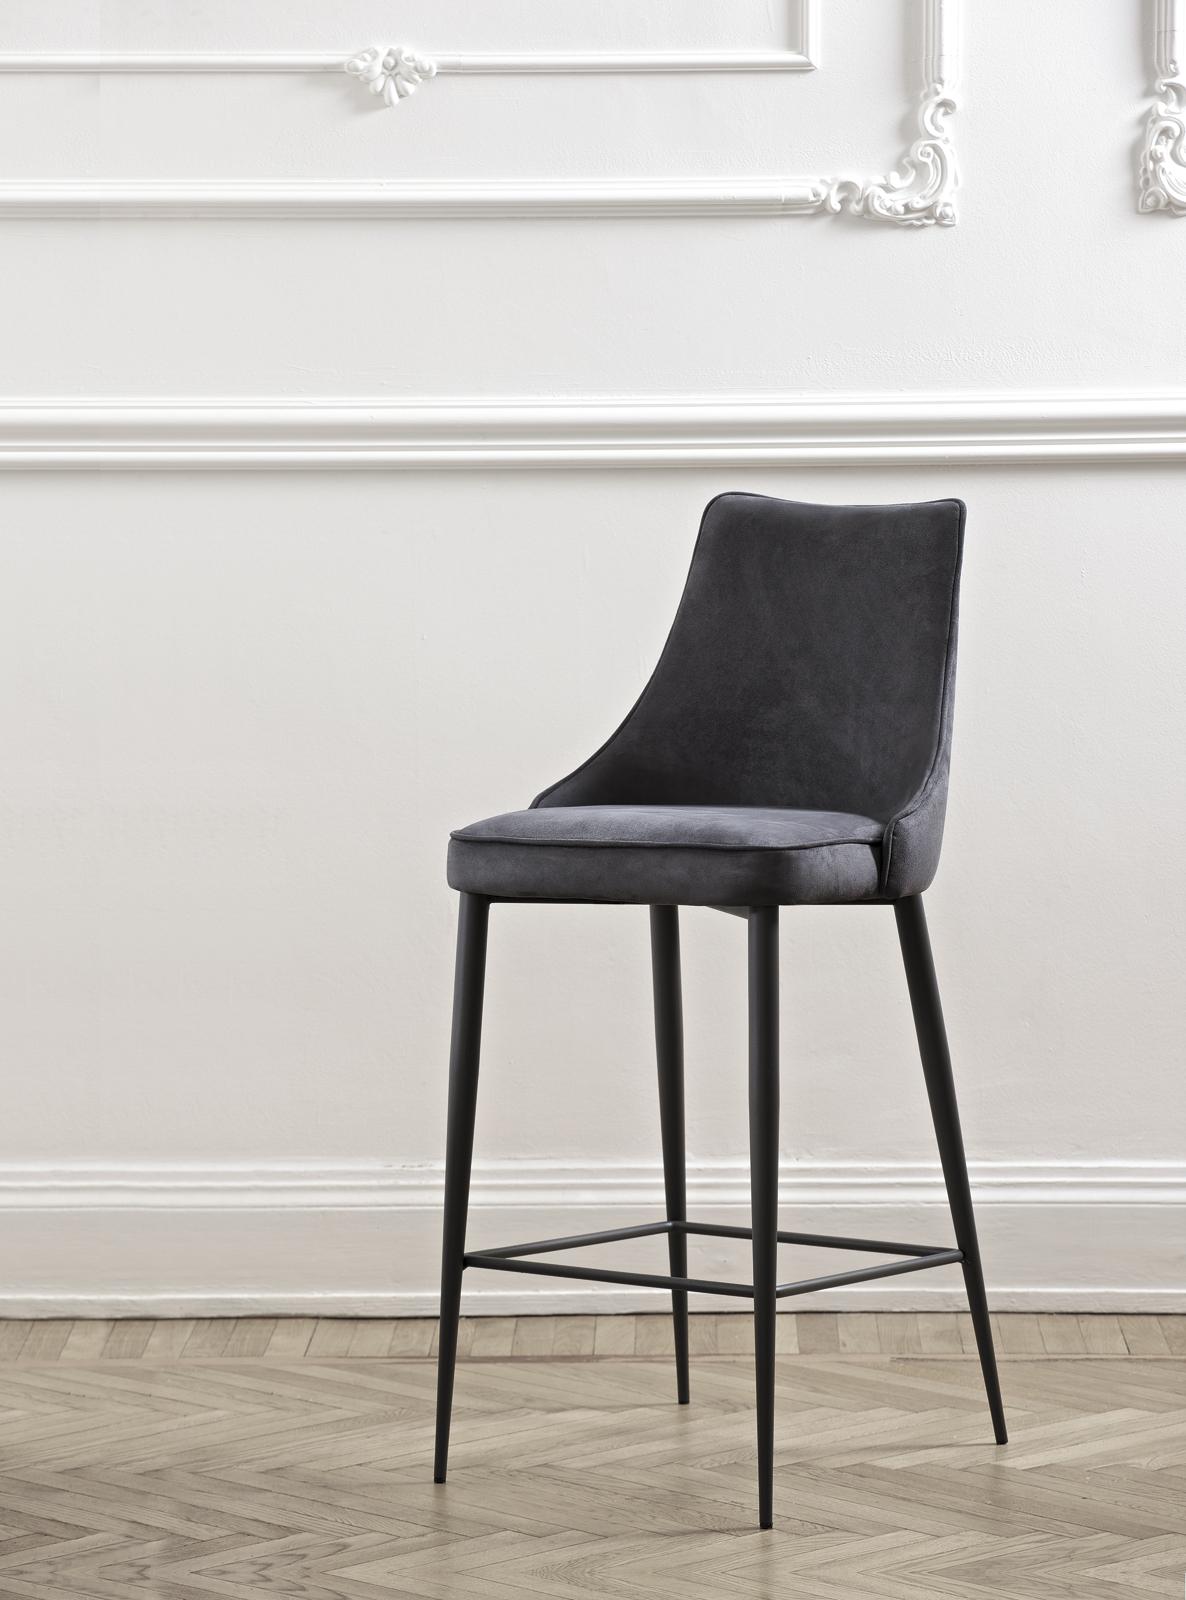 bár székek kényelmesek